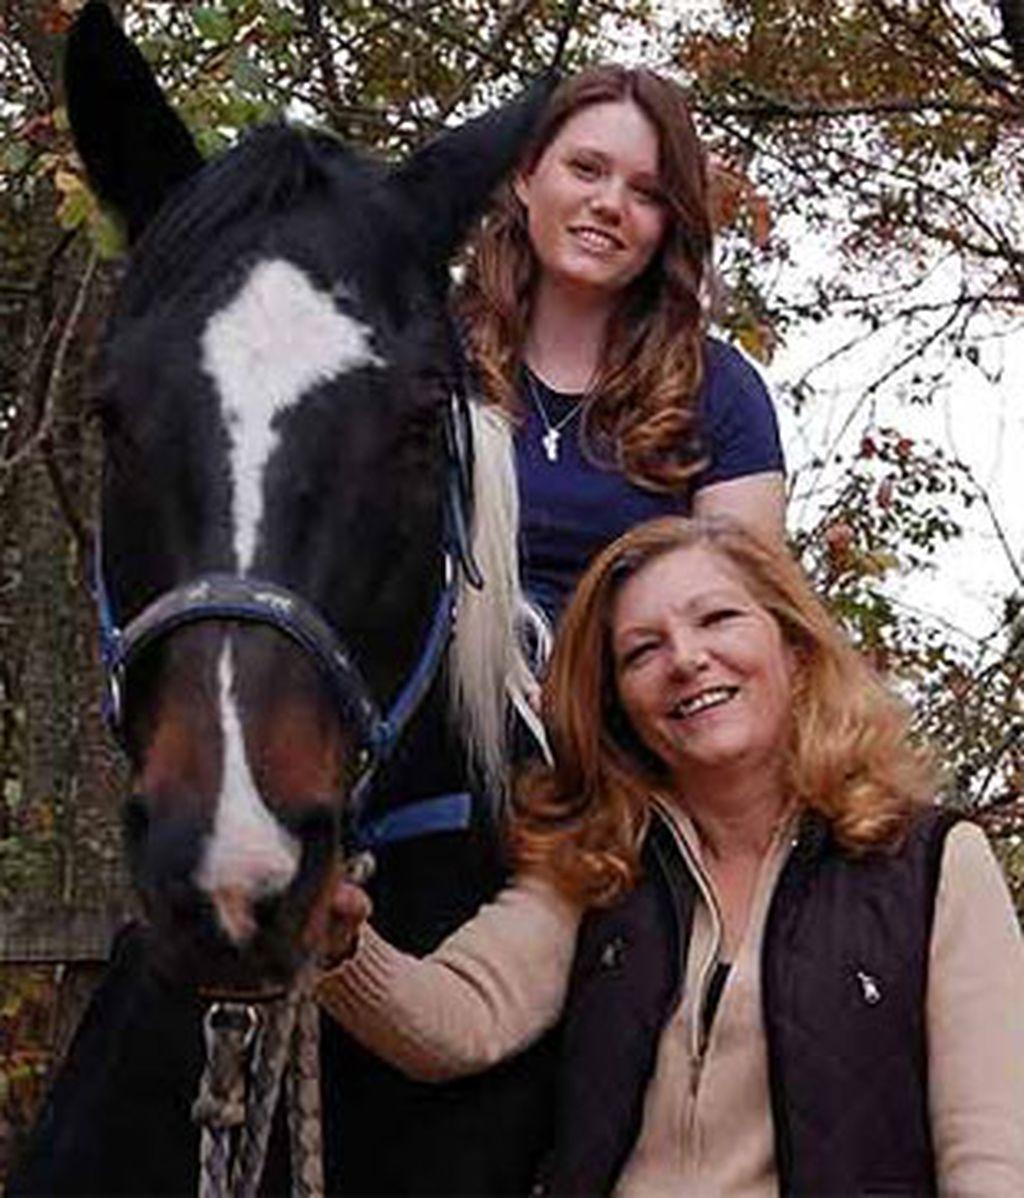 Primera imagen de Jaycee Lee junto a su madre, Terry Probyn. Foto: Hello.